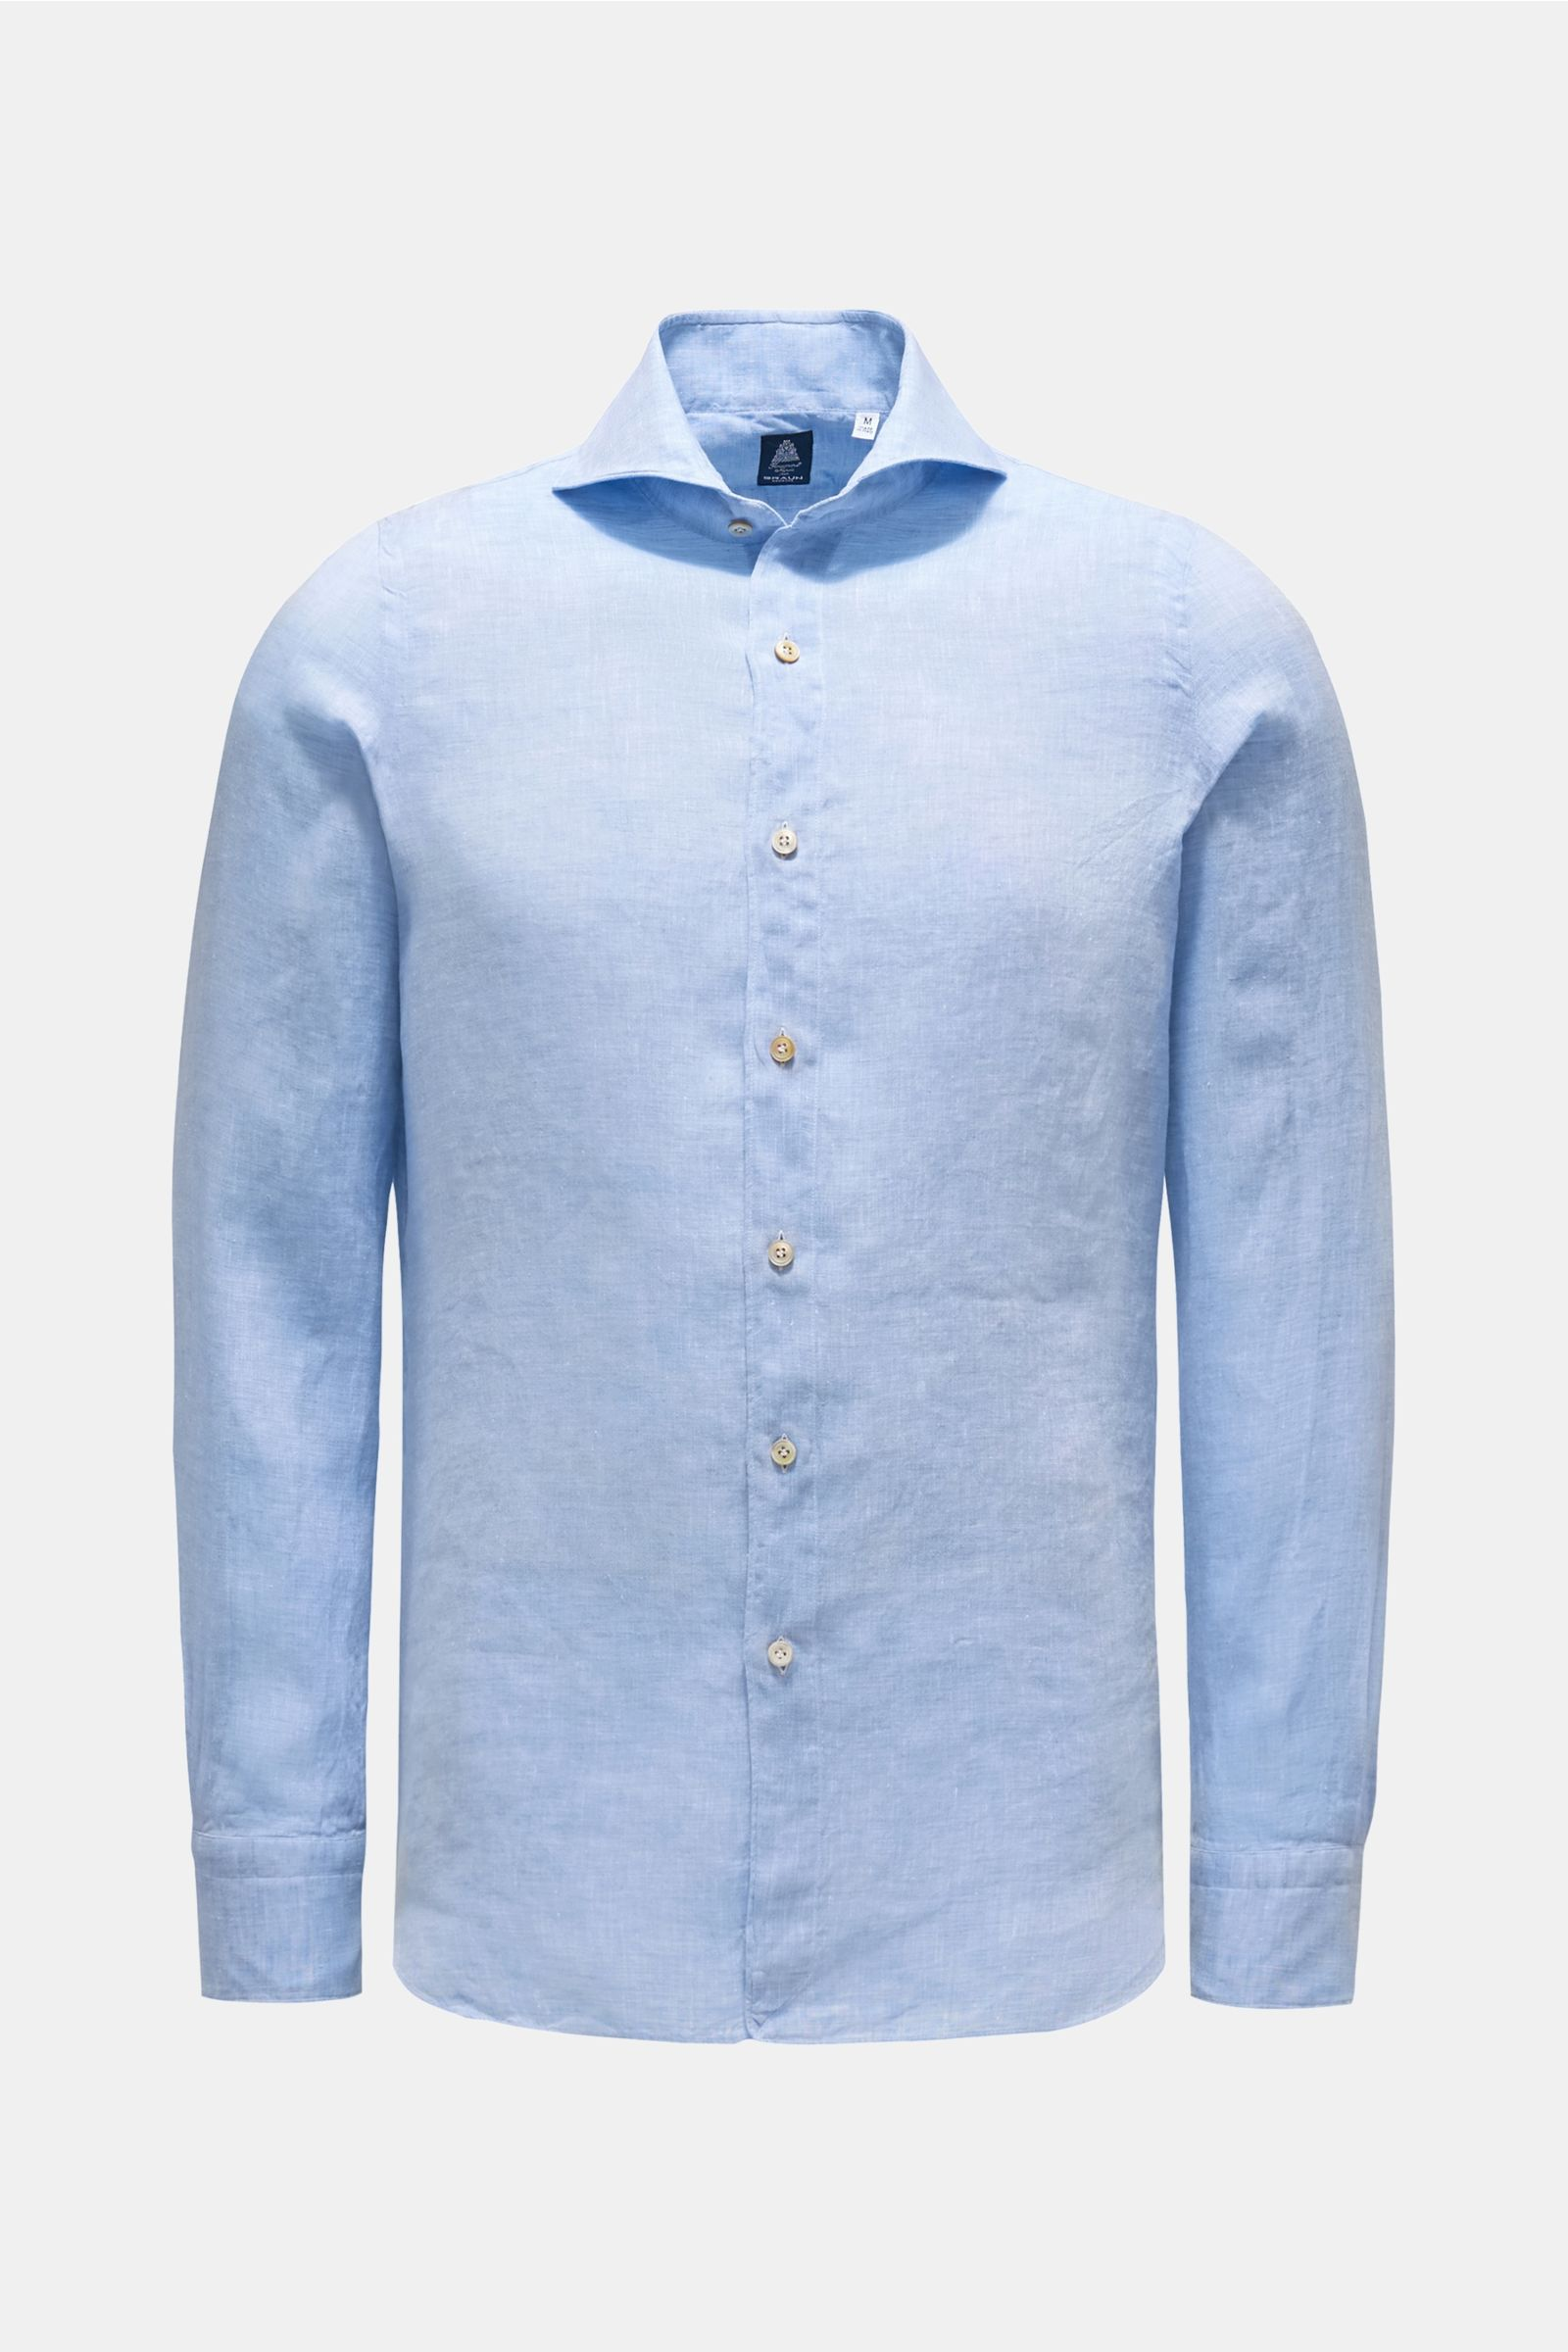 Leinenhemd 'Sergio Gaeta' Haifisch-Kragen hellblau